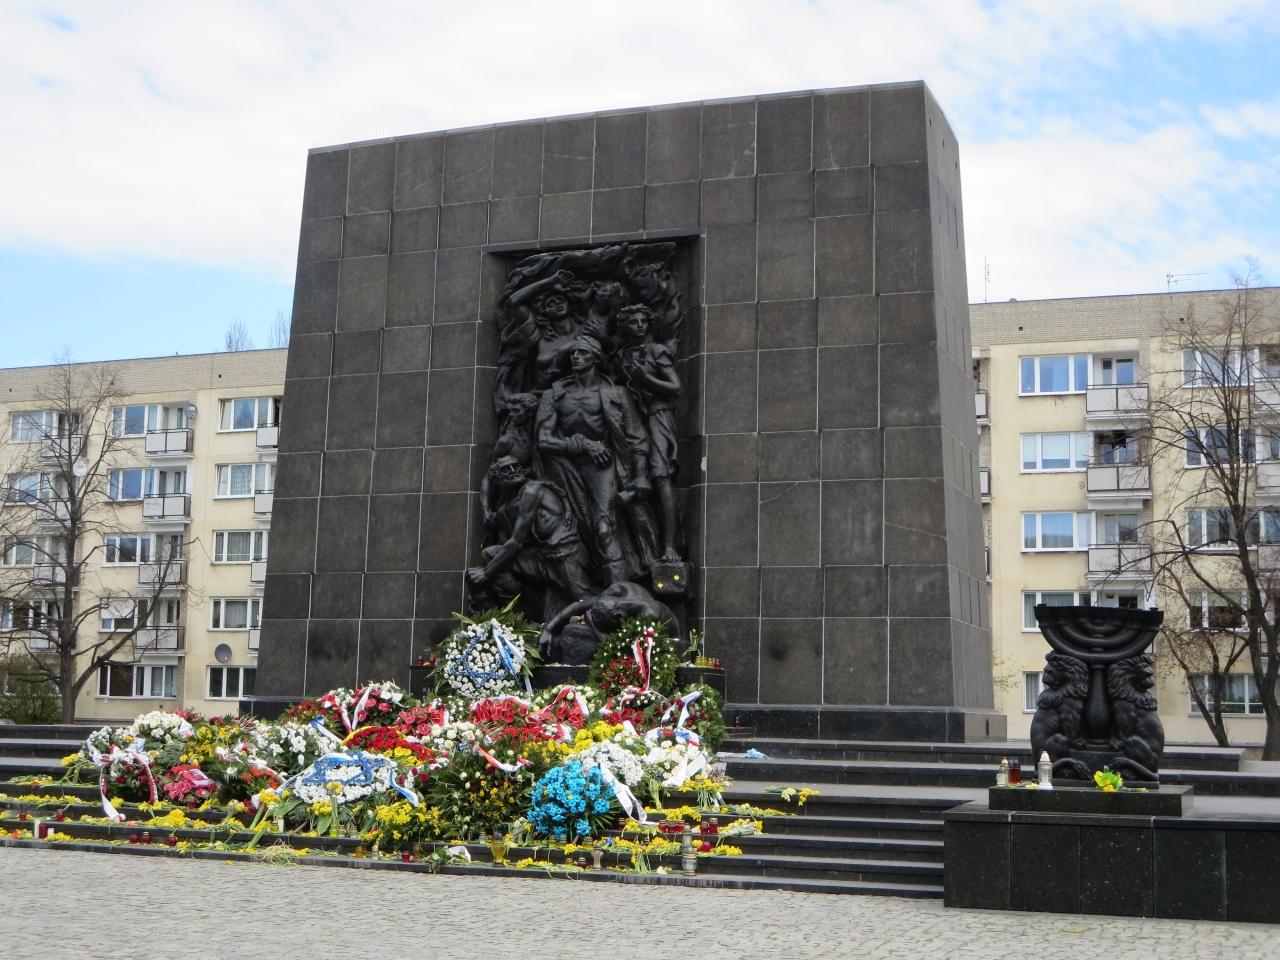 ワルシャワ ゲットー記念広場Pommik Bohaterow Getta